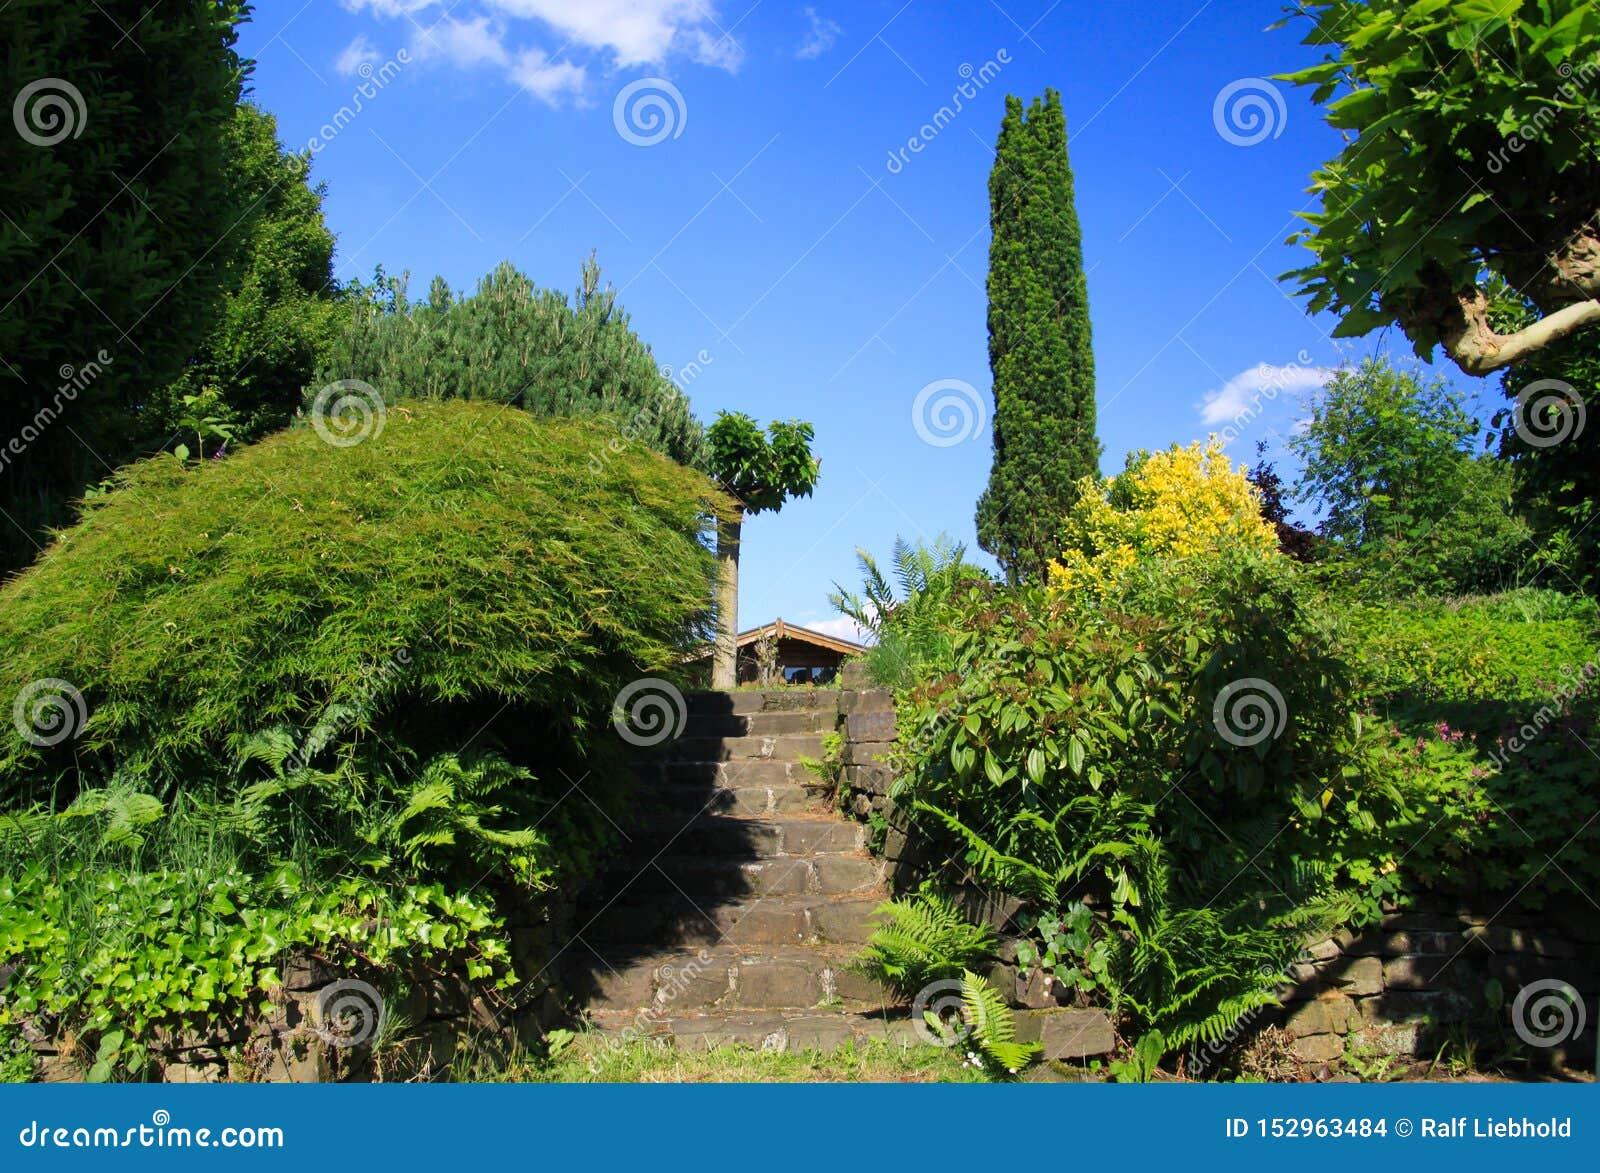 Opinión de ángulo bajo sobre los pasos de piedra en jardín alemán con dos niveles y árboles verdes contra el cielo azul - Alemani